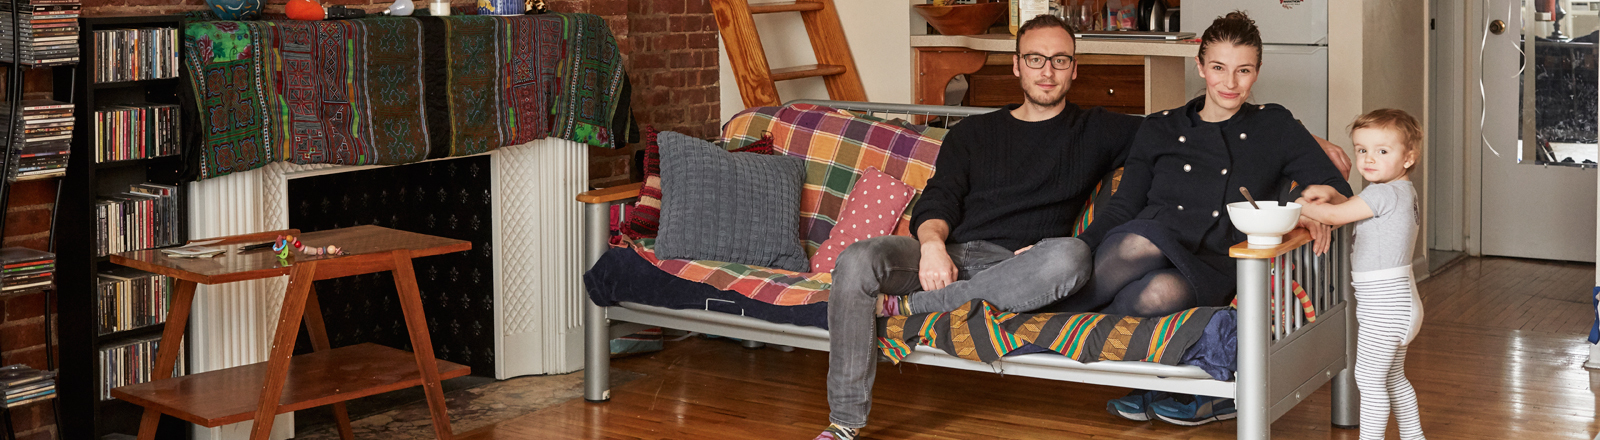 Felix Zeltner und seine Familie sitzen auf der Couch